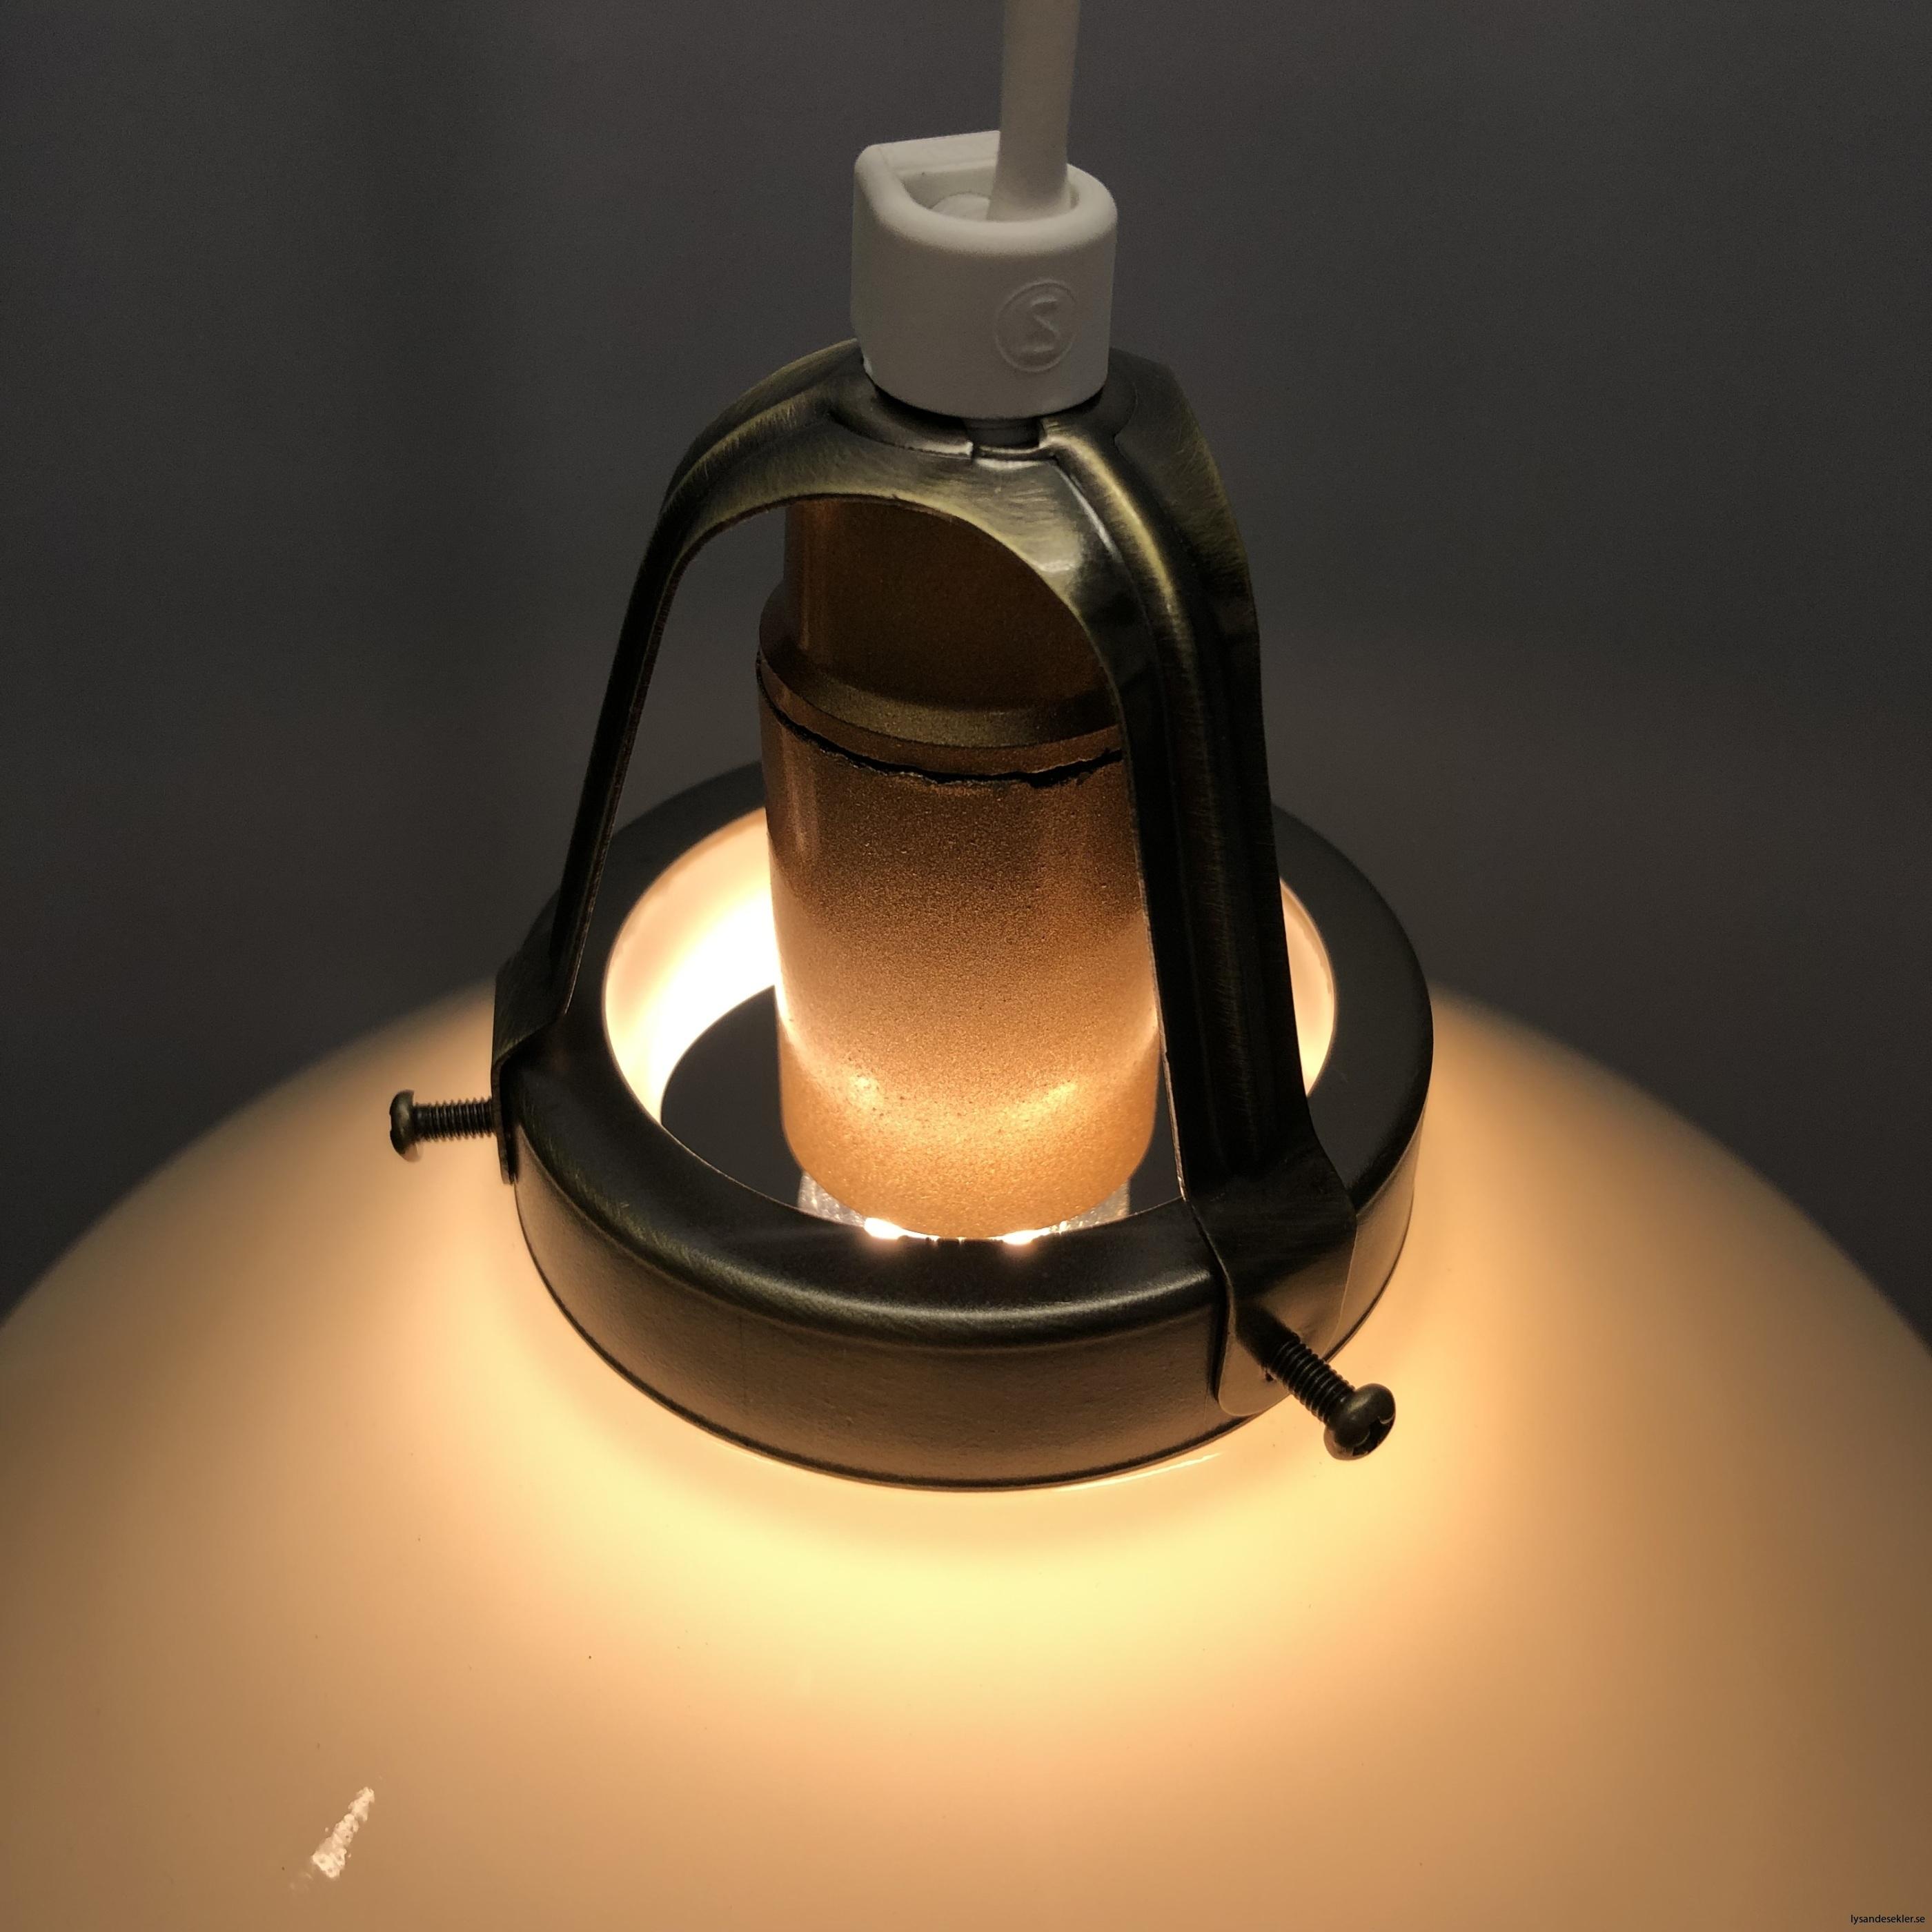 gul skomakarlampa skomakarelampa vanilj beige19